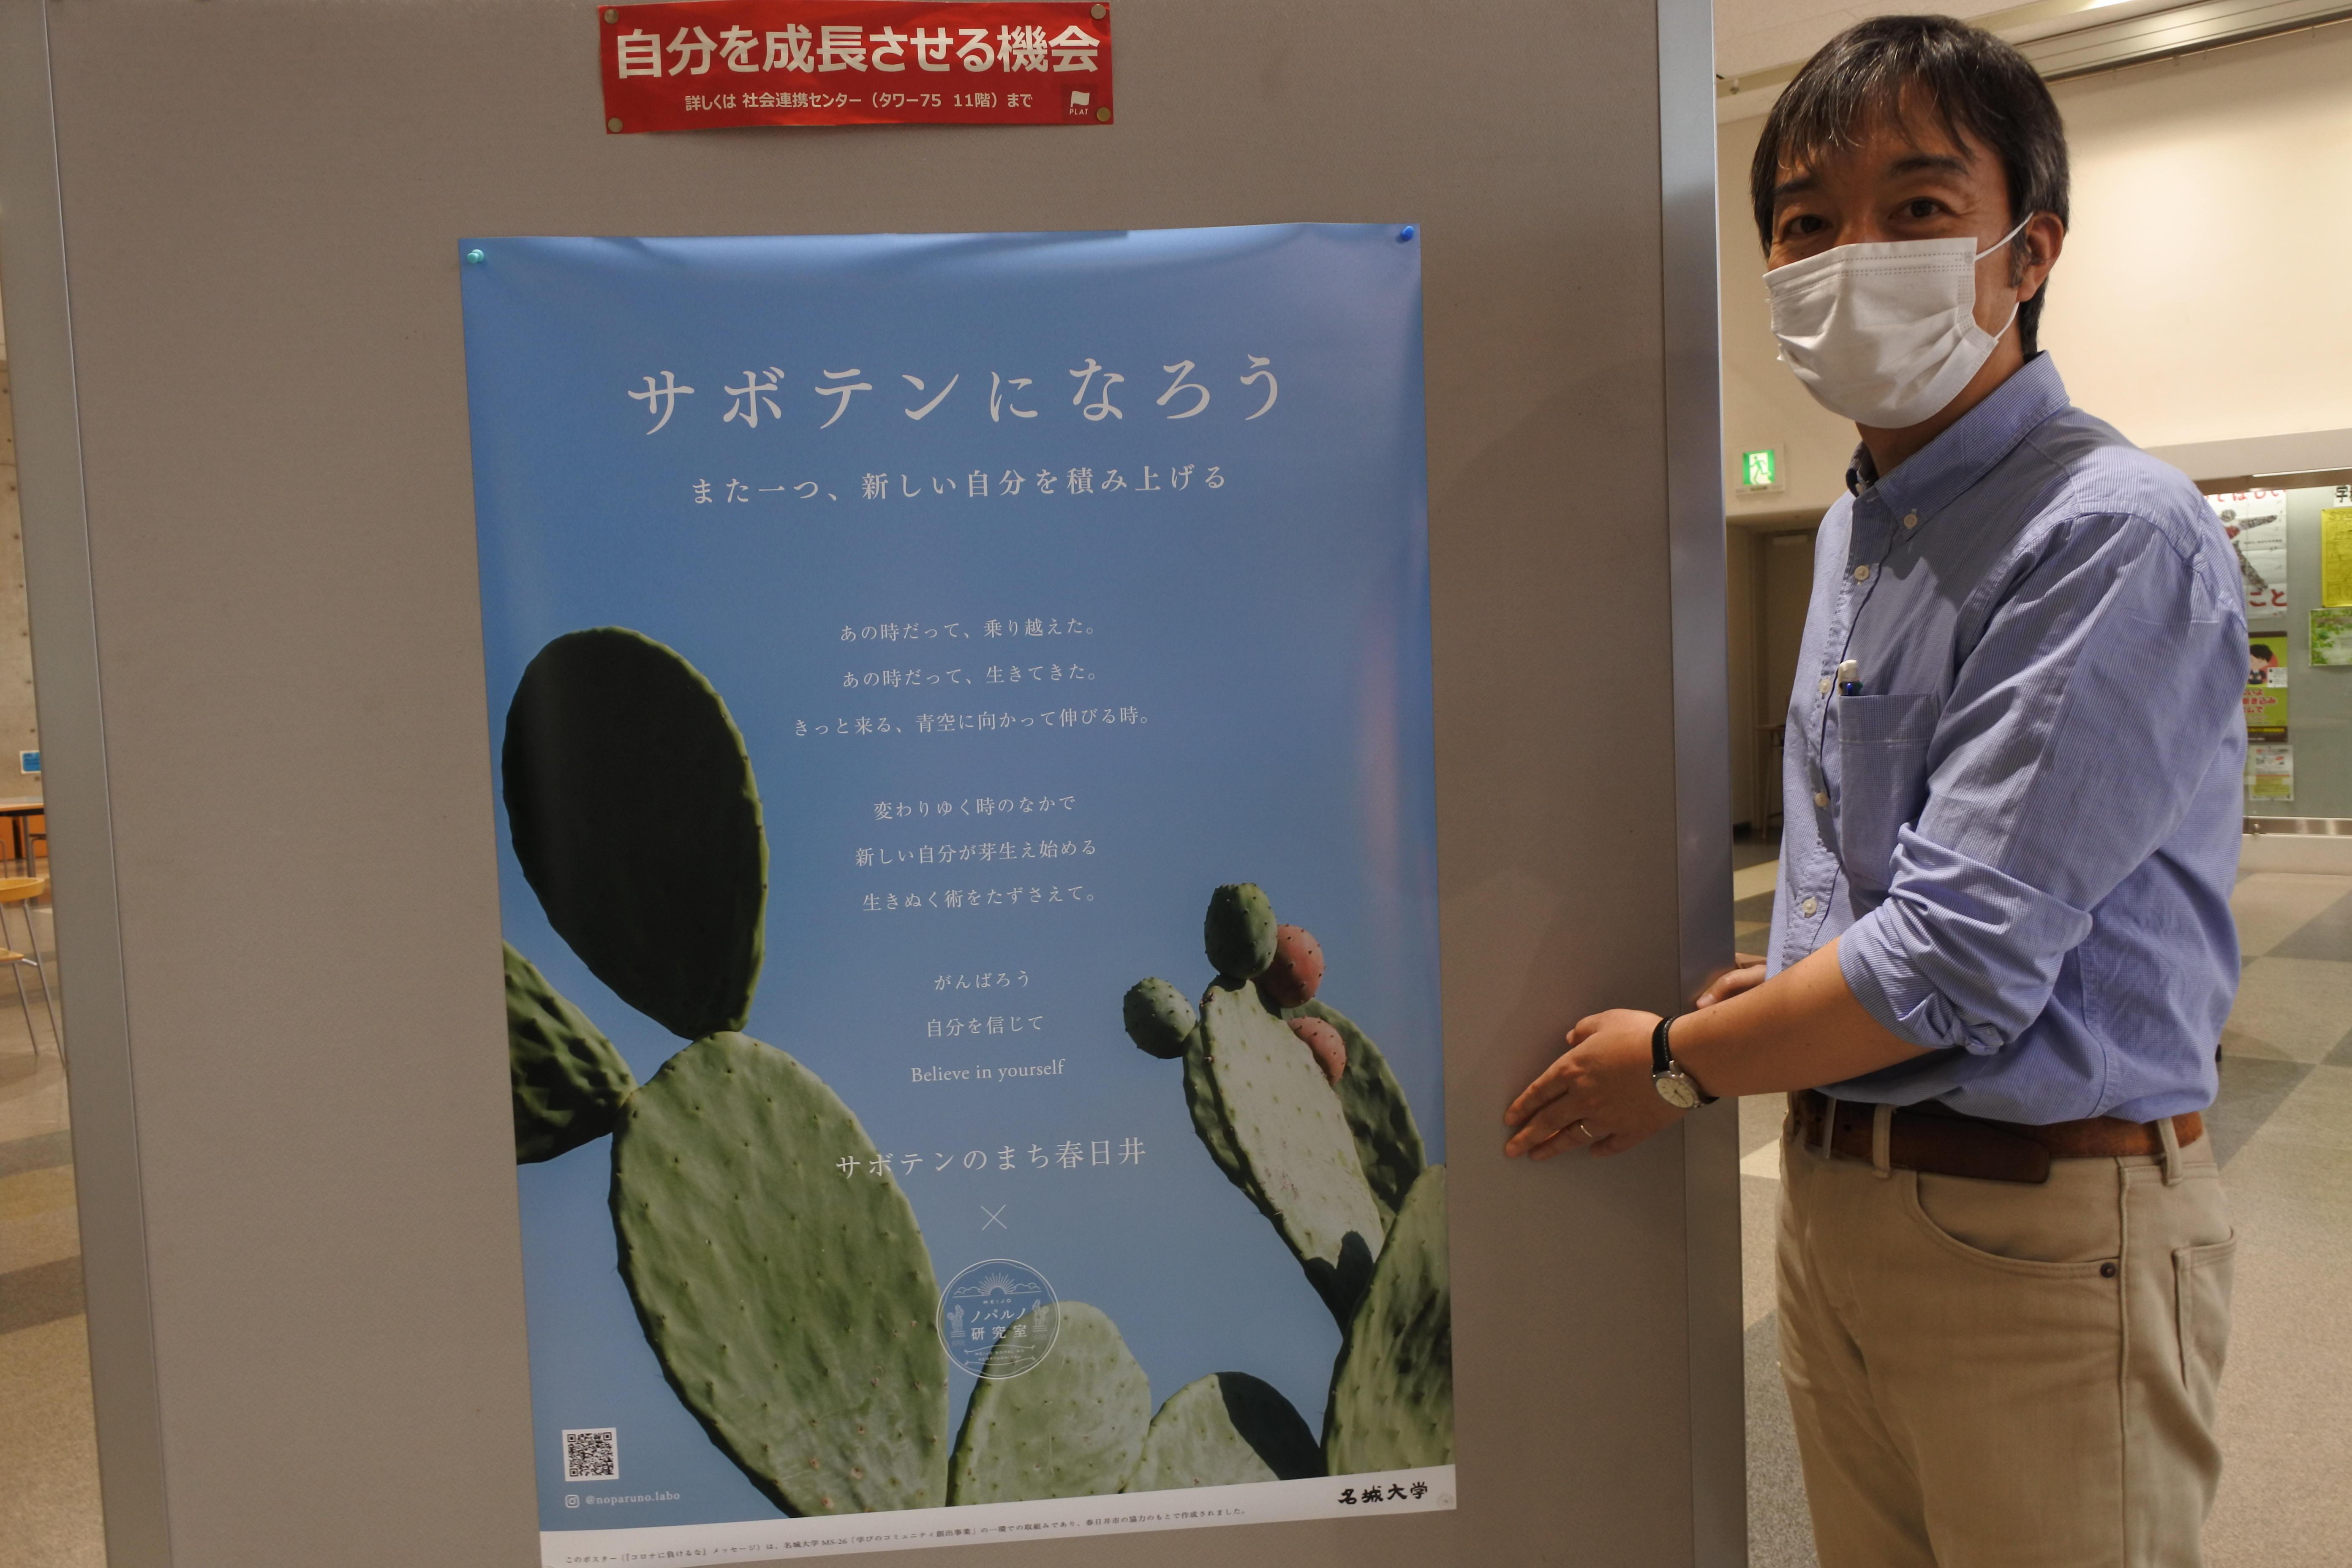 6月17日、タワー75の学生ホールでサボテンポスターを掲示